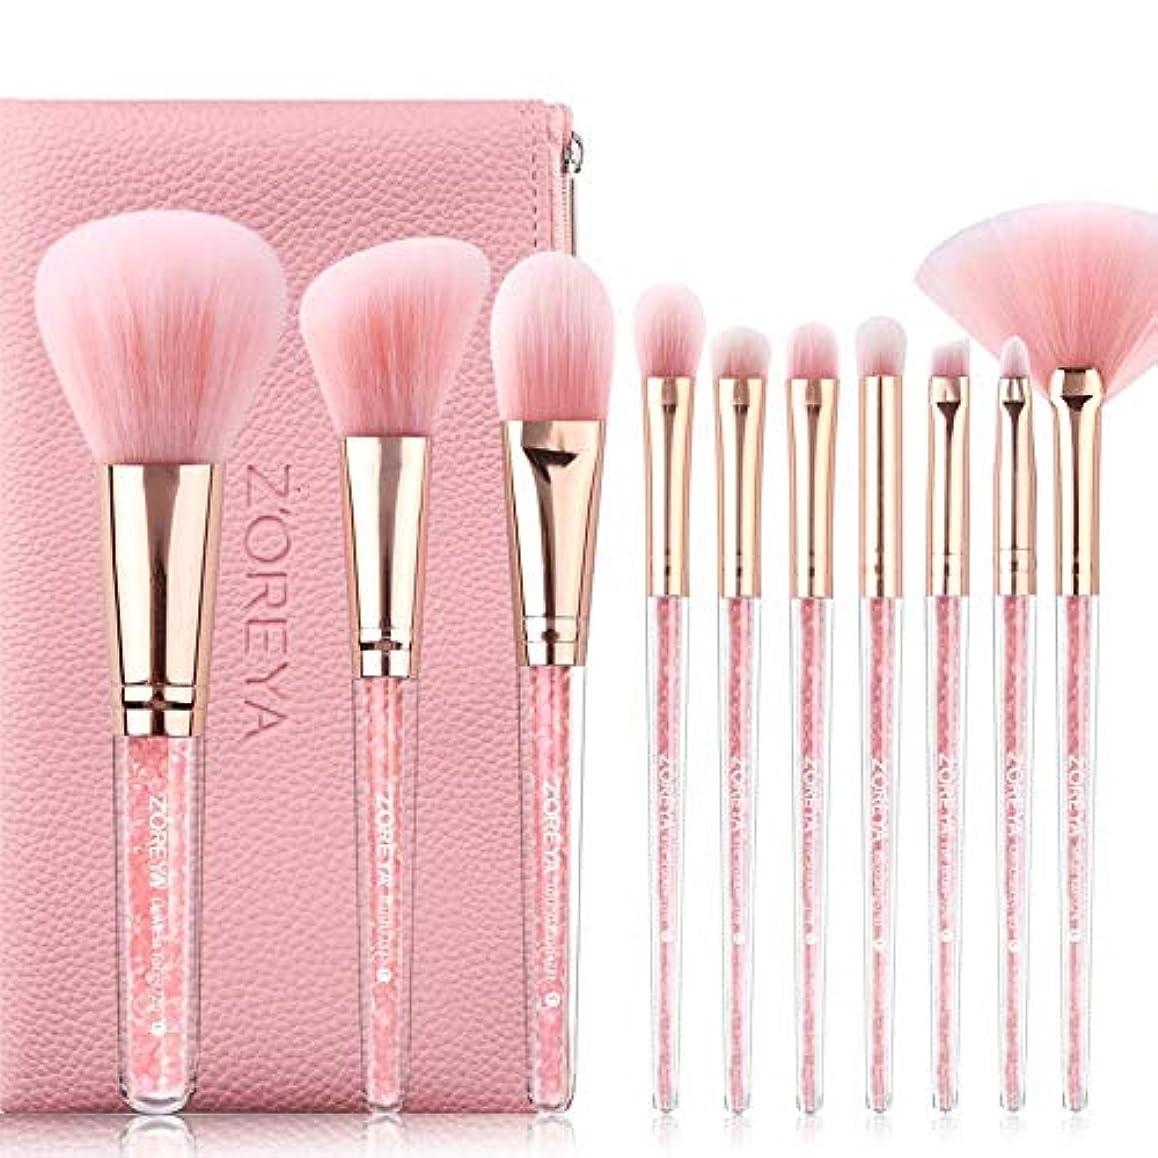 生じる五月狂うメイクブラシ コスメブラシ 化粧筆 専用の化粧ポーチ付き、携帯便利 可愛い 10本セッ本セット